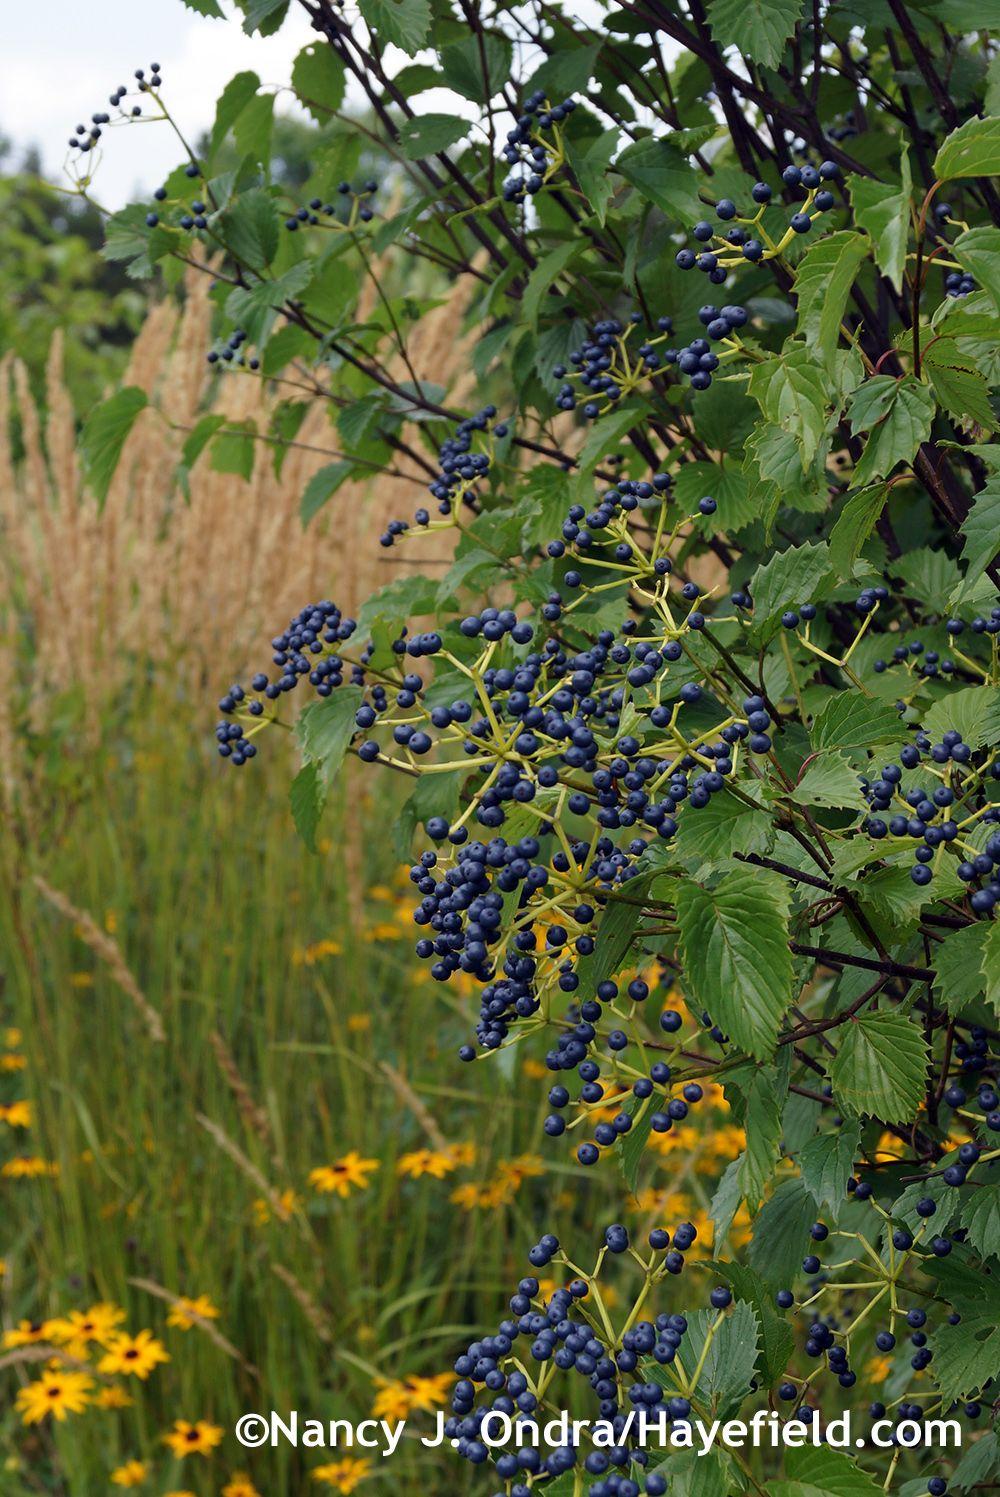 Blue Muffin viburnum (Viburnum dentatum 'Christom') August 2014